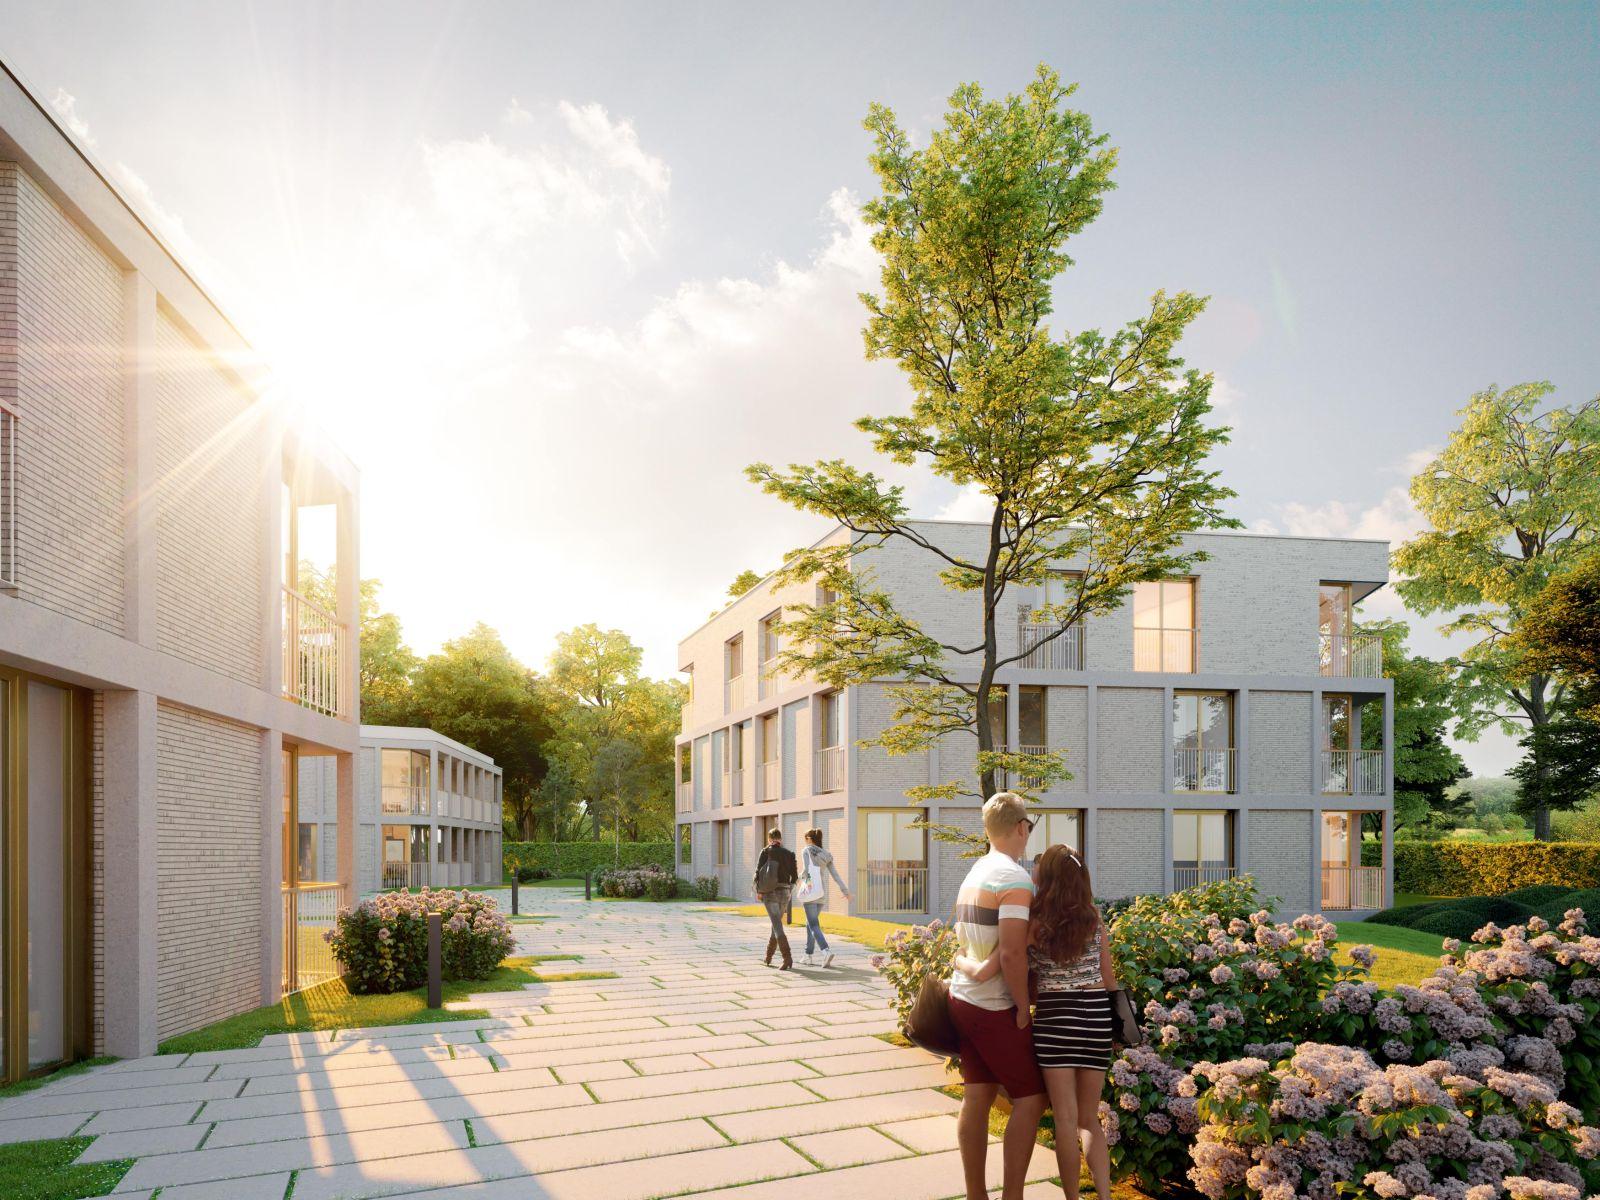 Nieuwbouw appartement op de eerste verdieping in prachtig binnengebied! afbeelding 4